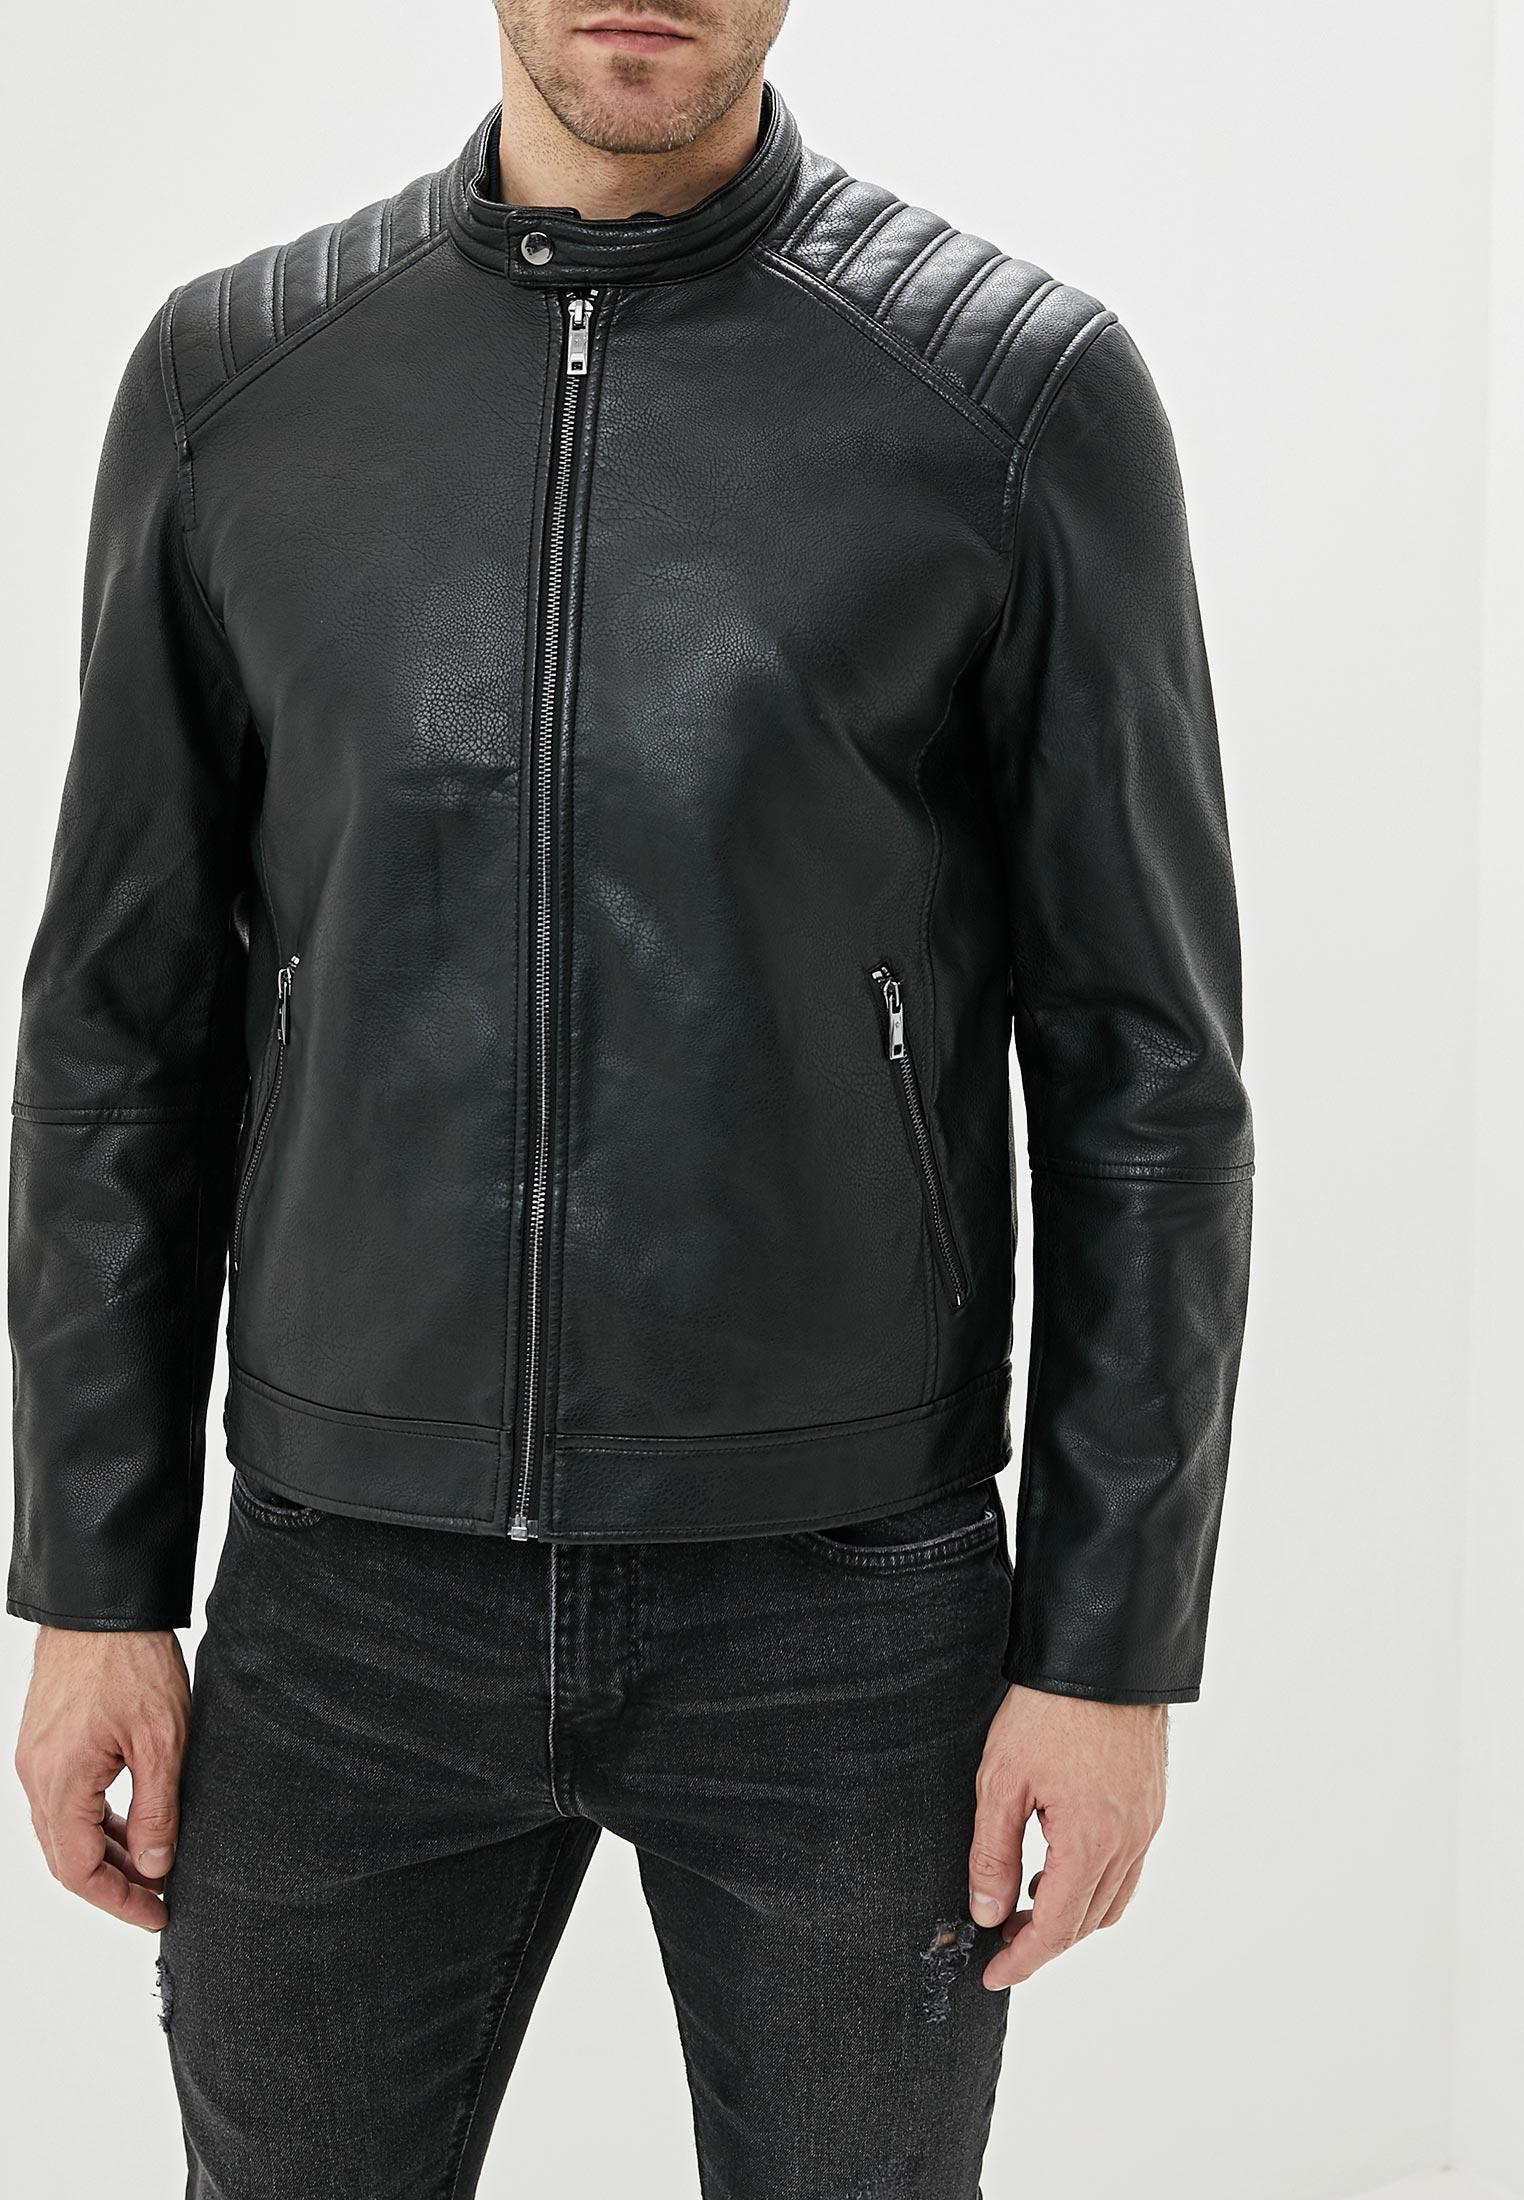 Куртка кожаная, Celio, цвет: черный. Артикул: CE007EMHEOK5. Одежда / Верхняя одежда / Кожаные куртки